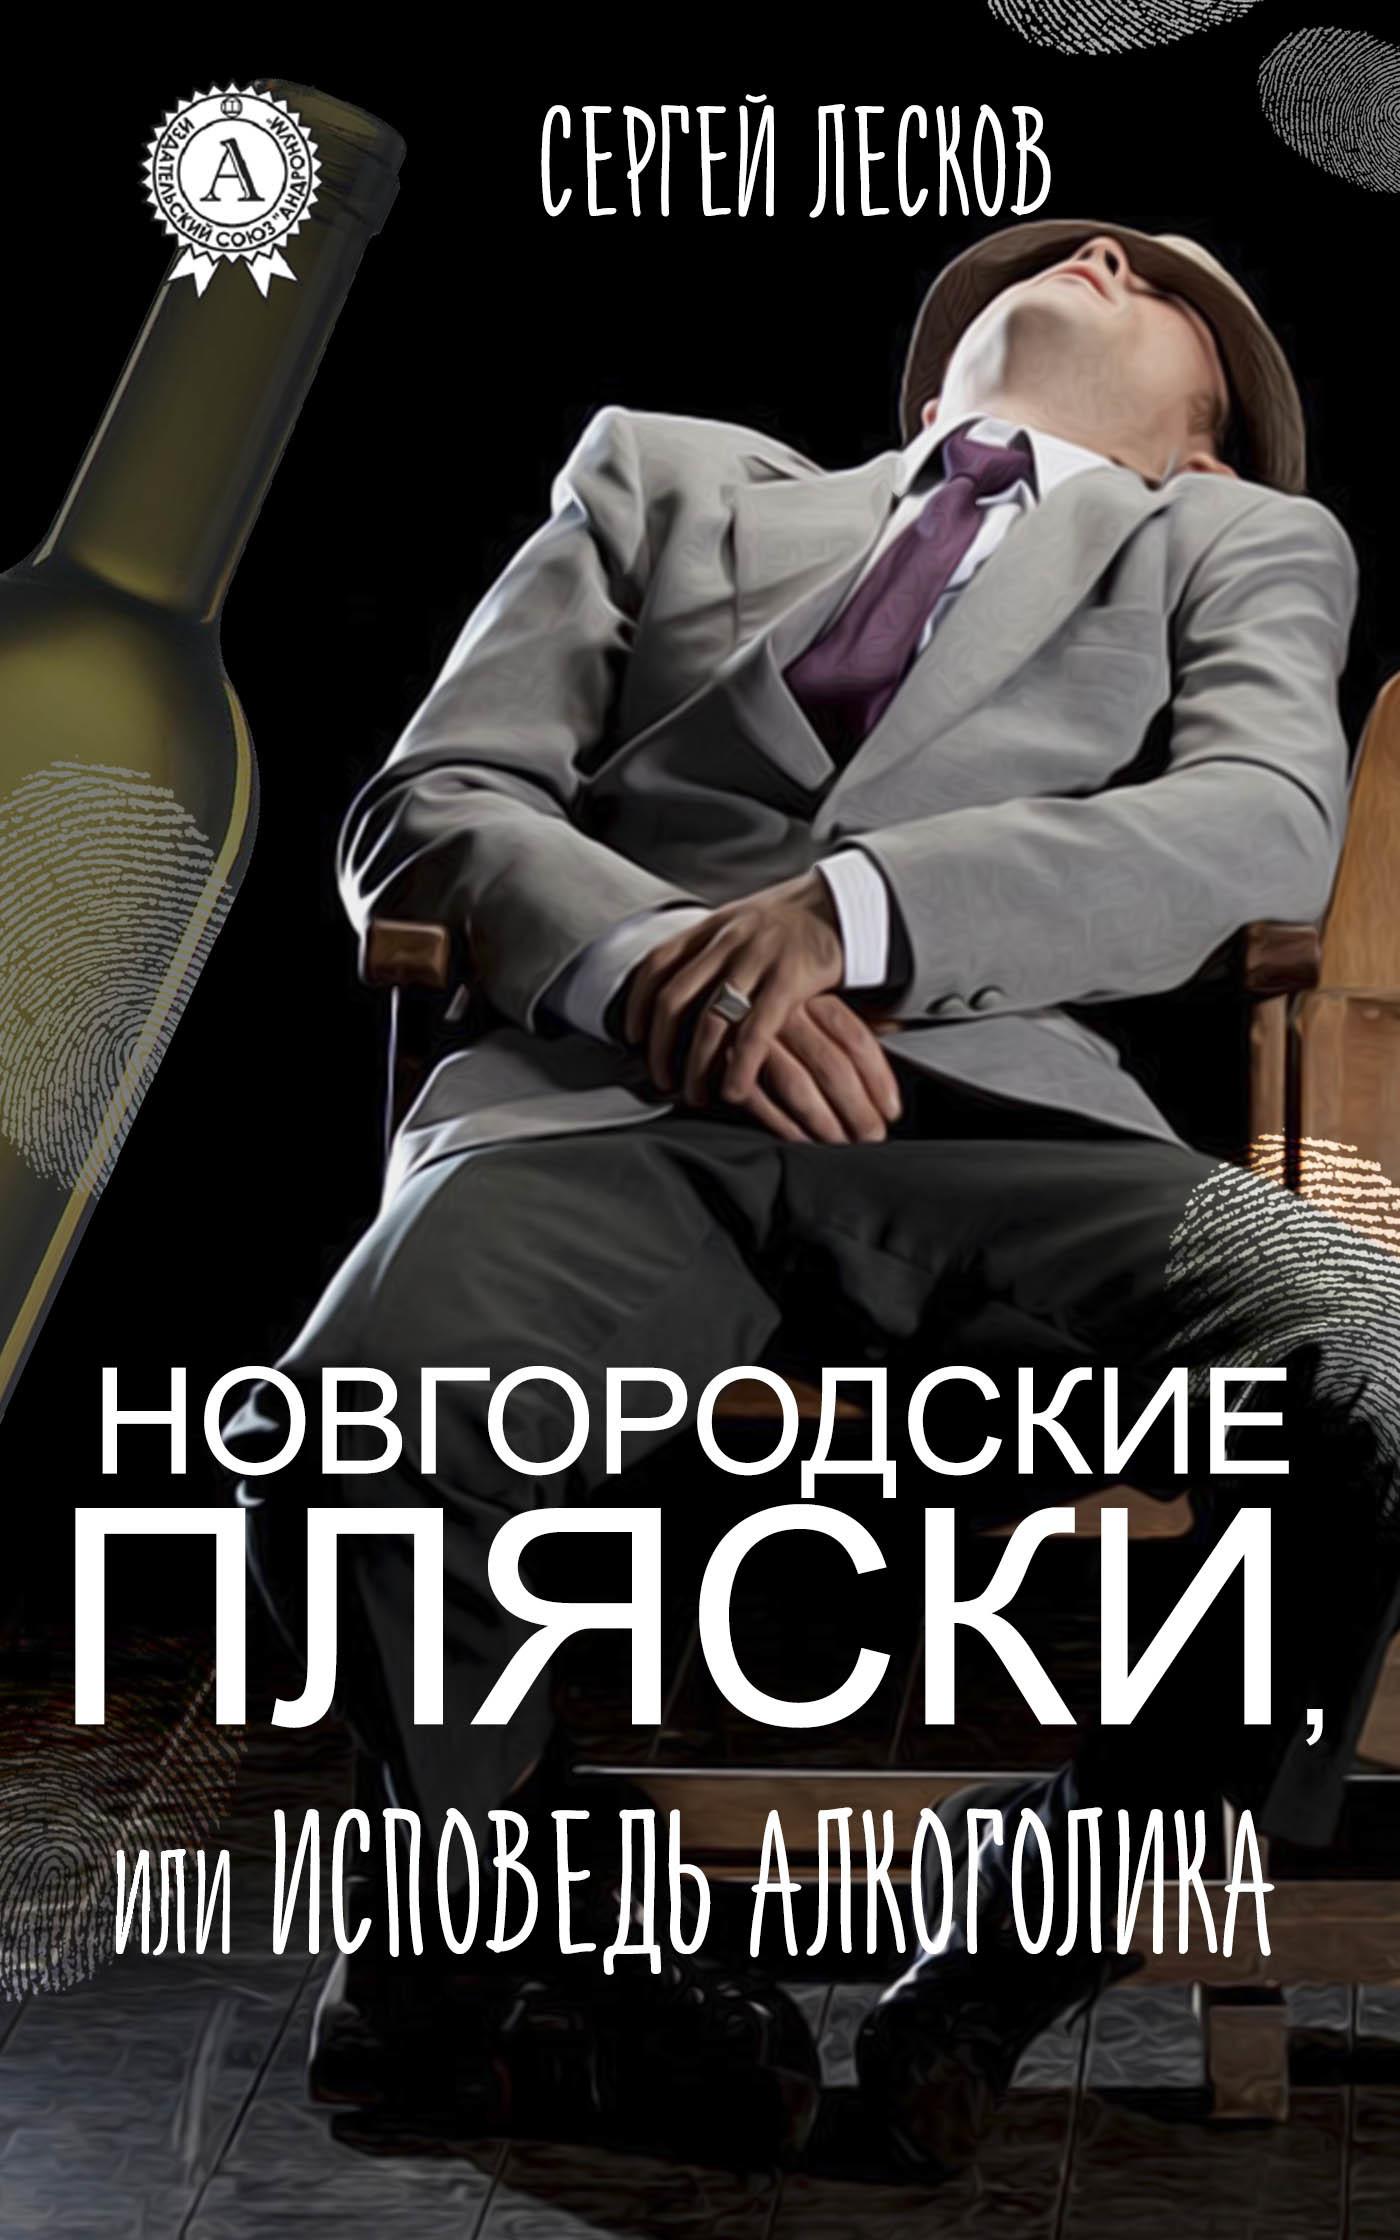 занимательное описание в книге Сергей Лесков